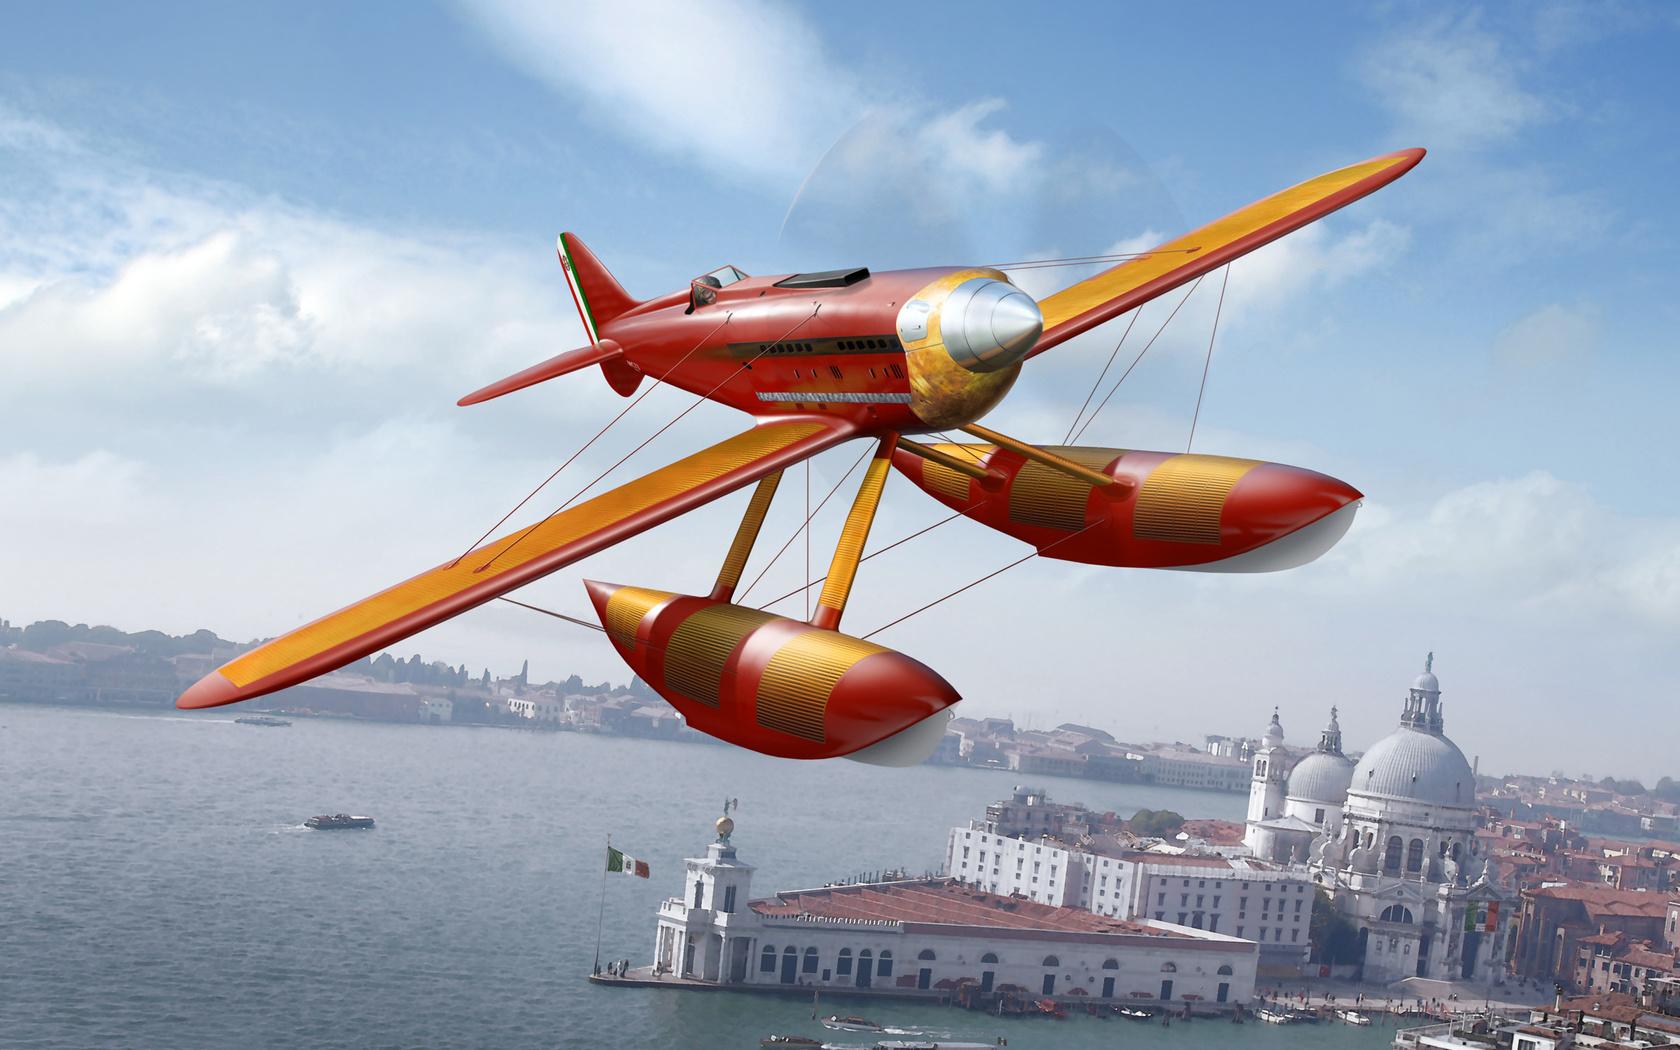 в, италии, небе, ввс, Арт, гидросамолет, самолет, италии., macchi m.52b, шнейдера кубок